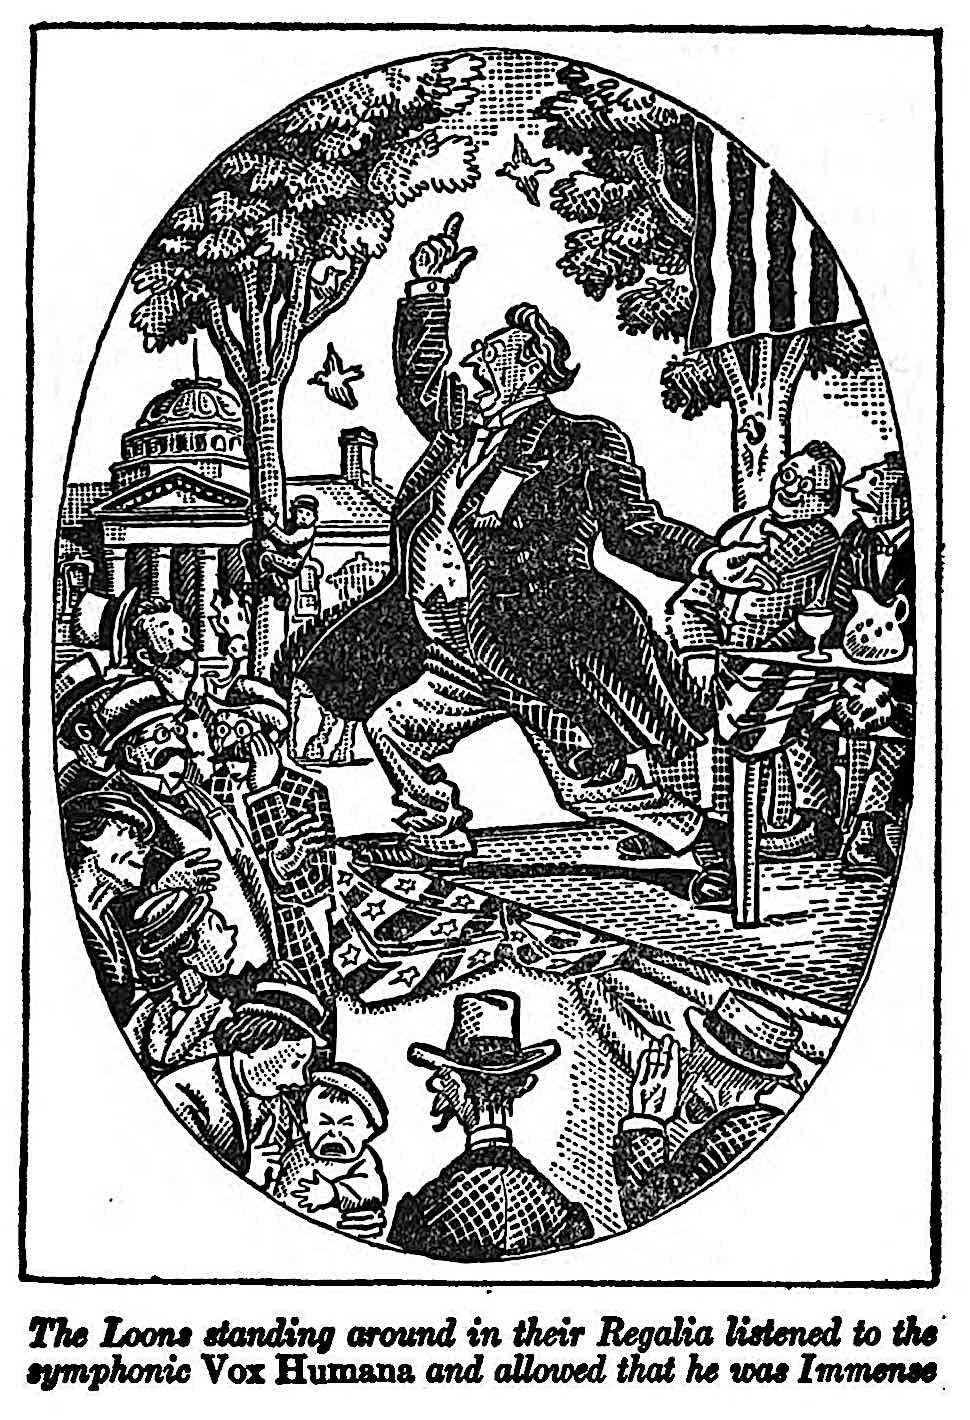 a John P. McCutcheon cartoon about political speech bluster, symphonic vox humana